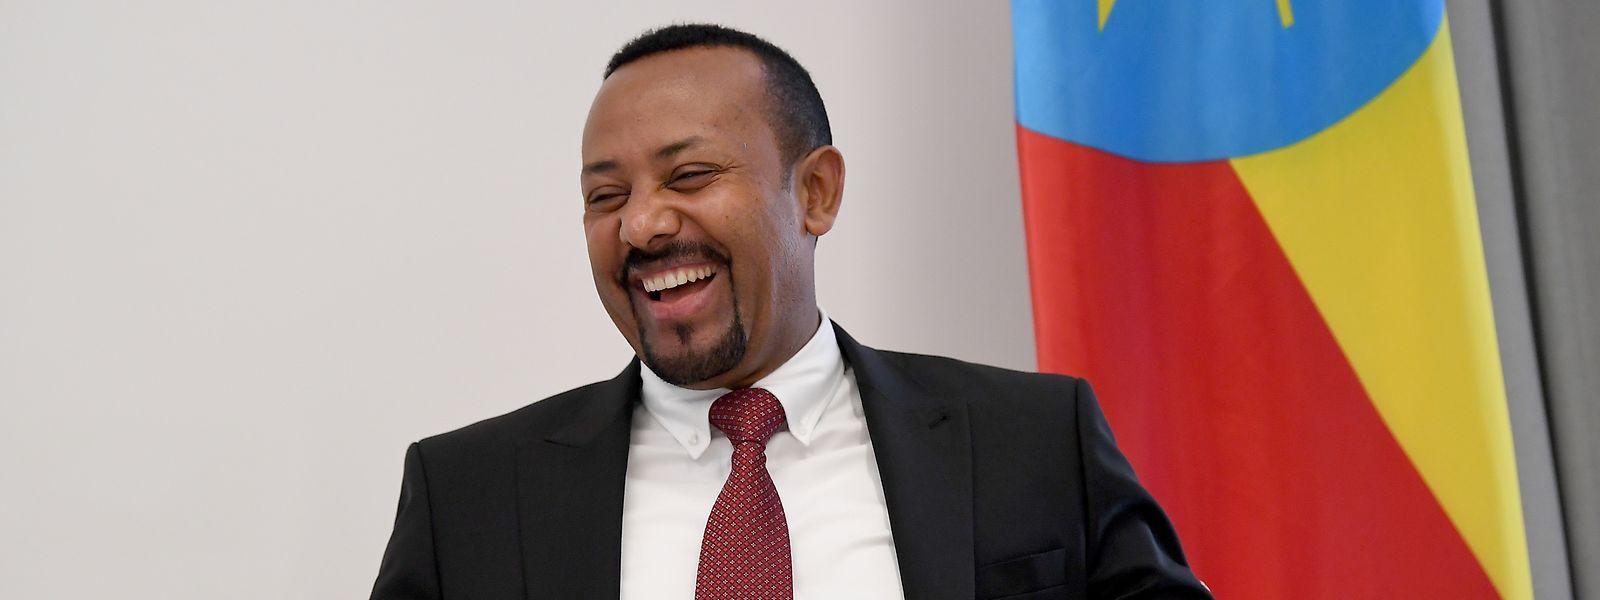 Abiy Ahmed, Ministerpräsident von Äthiopien, wurde am Freitag als neuer Friedensnobelpreisträger verkündet.